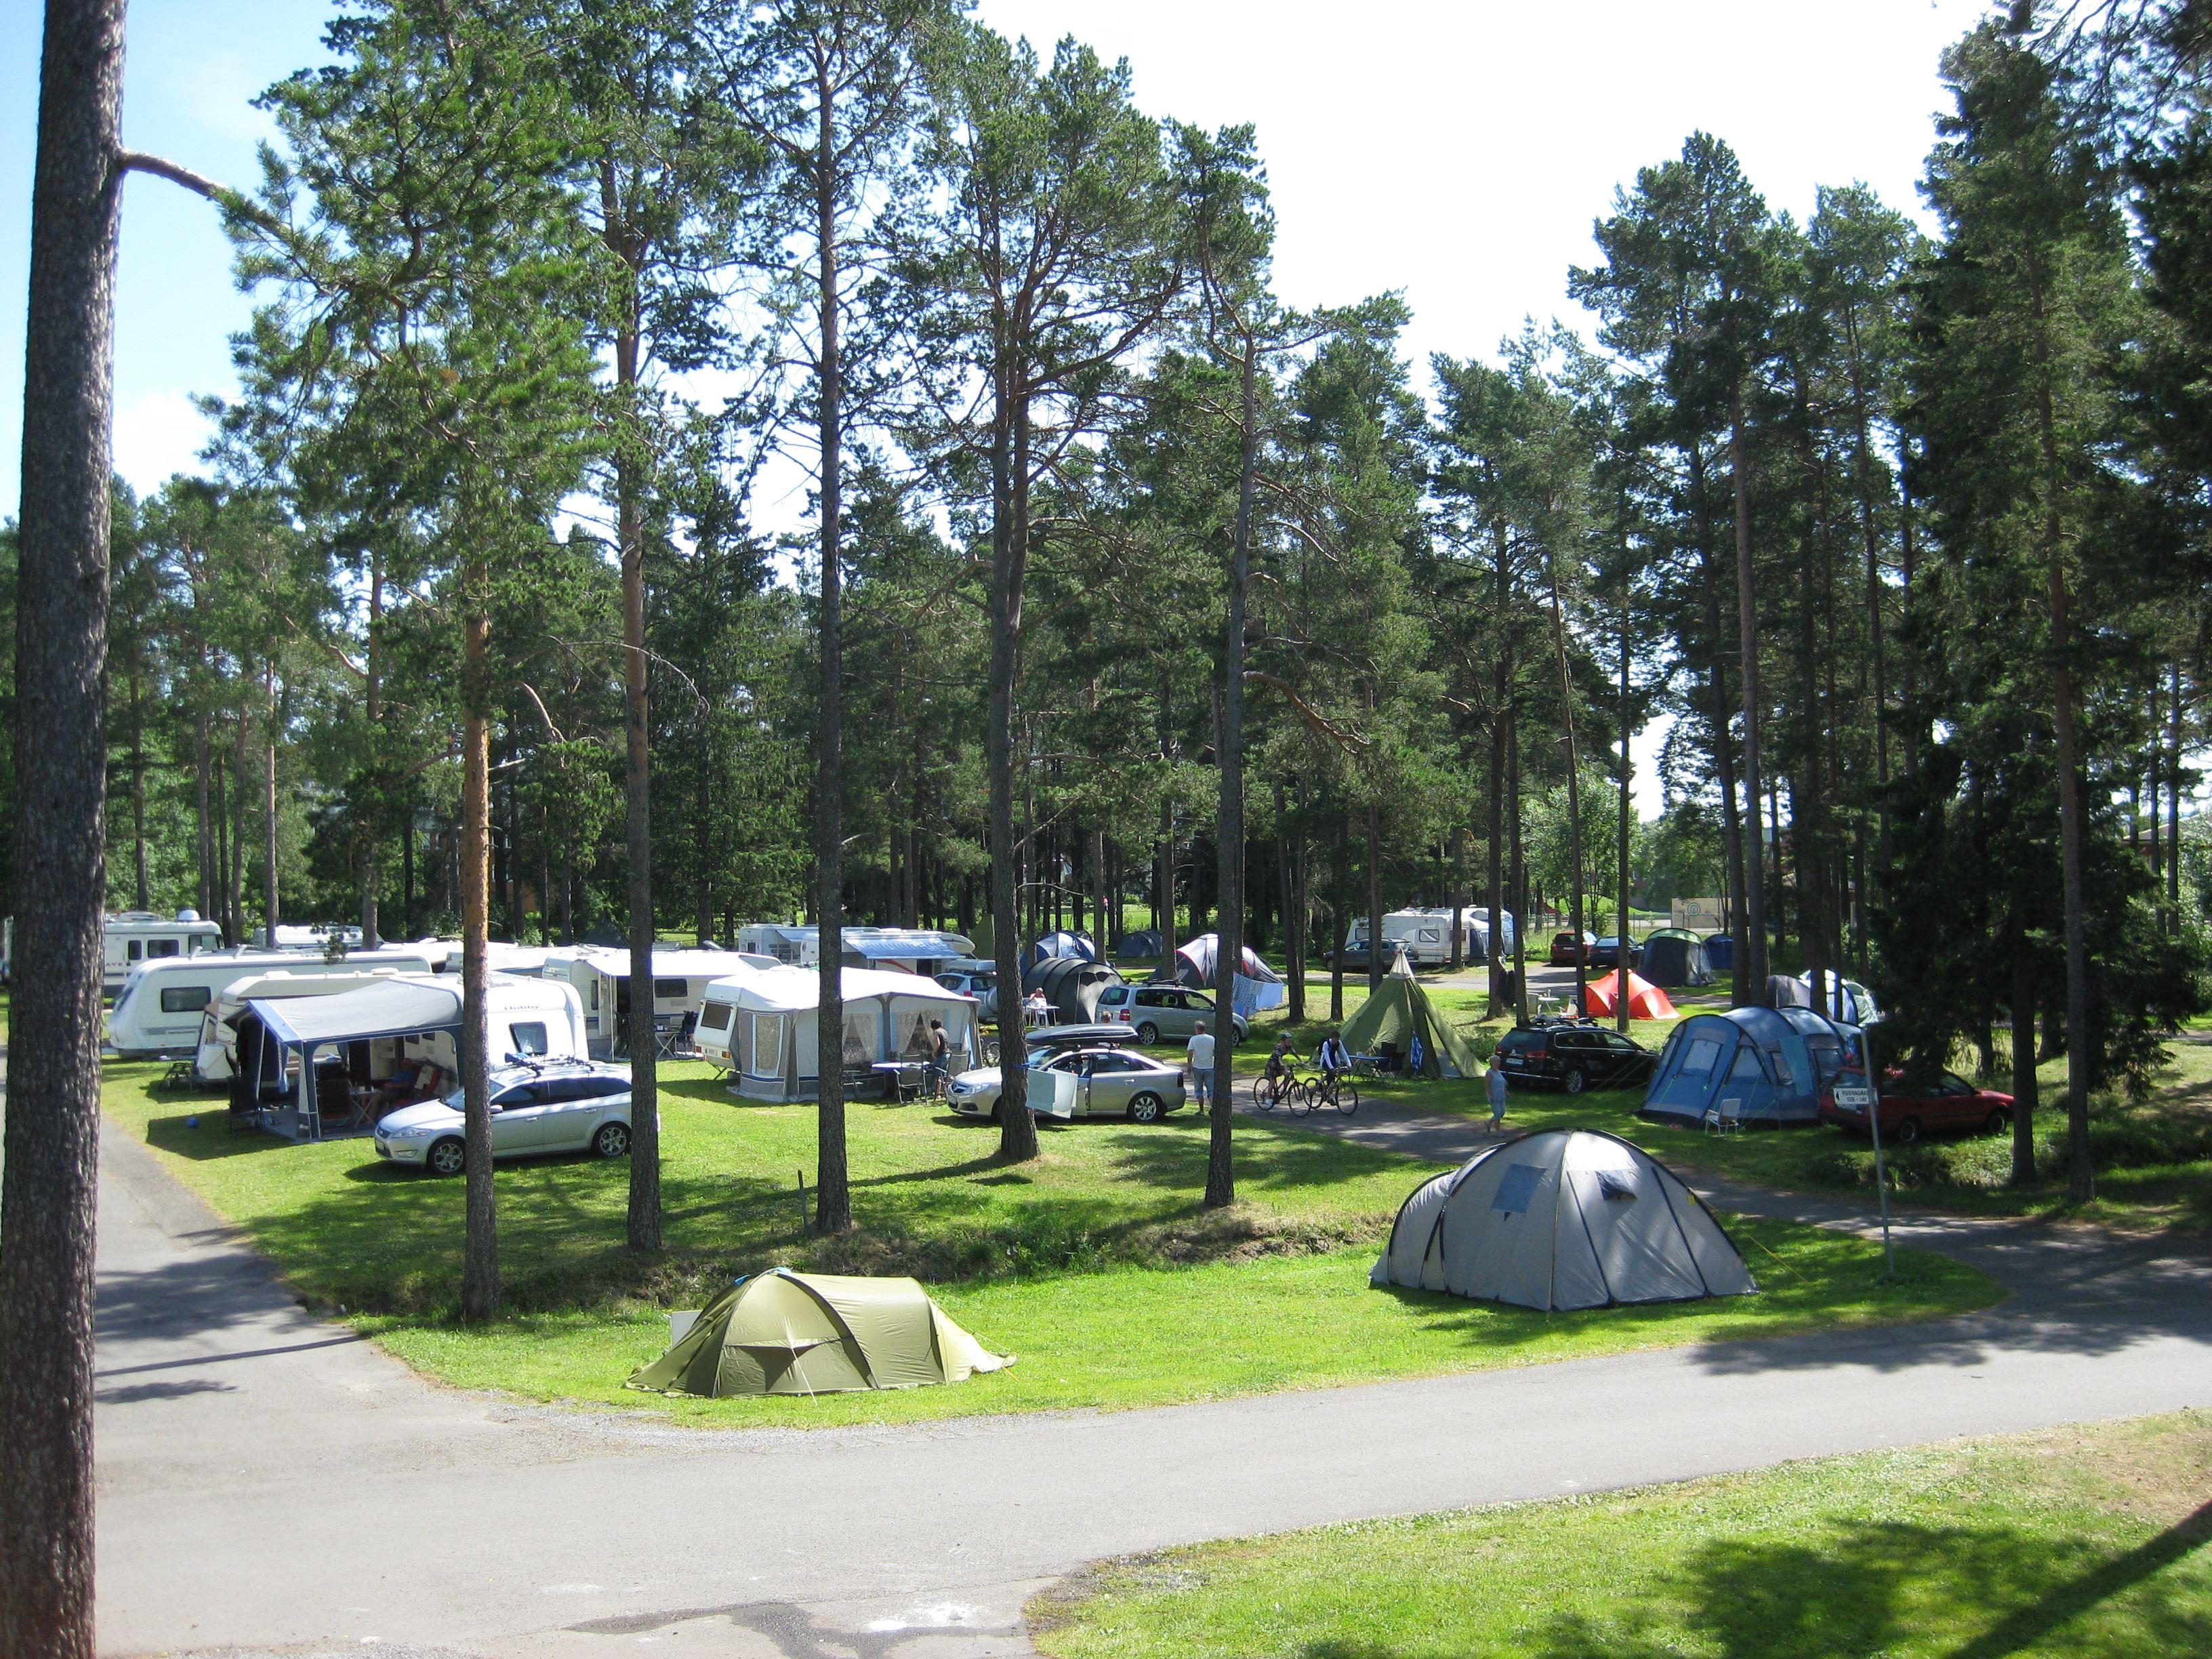 Foto: Östersunds Stugby & Camping,  © Copy:Östersunds Stugby & Camping, Östersunds Stugby & Camping ****